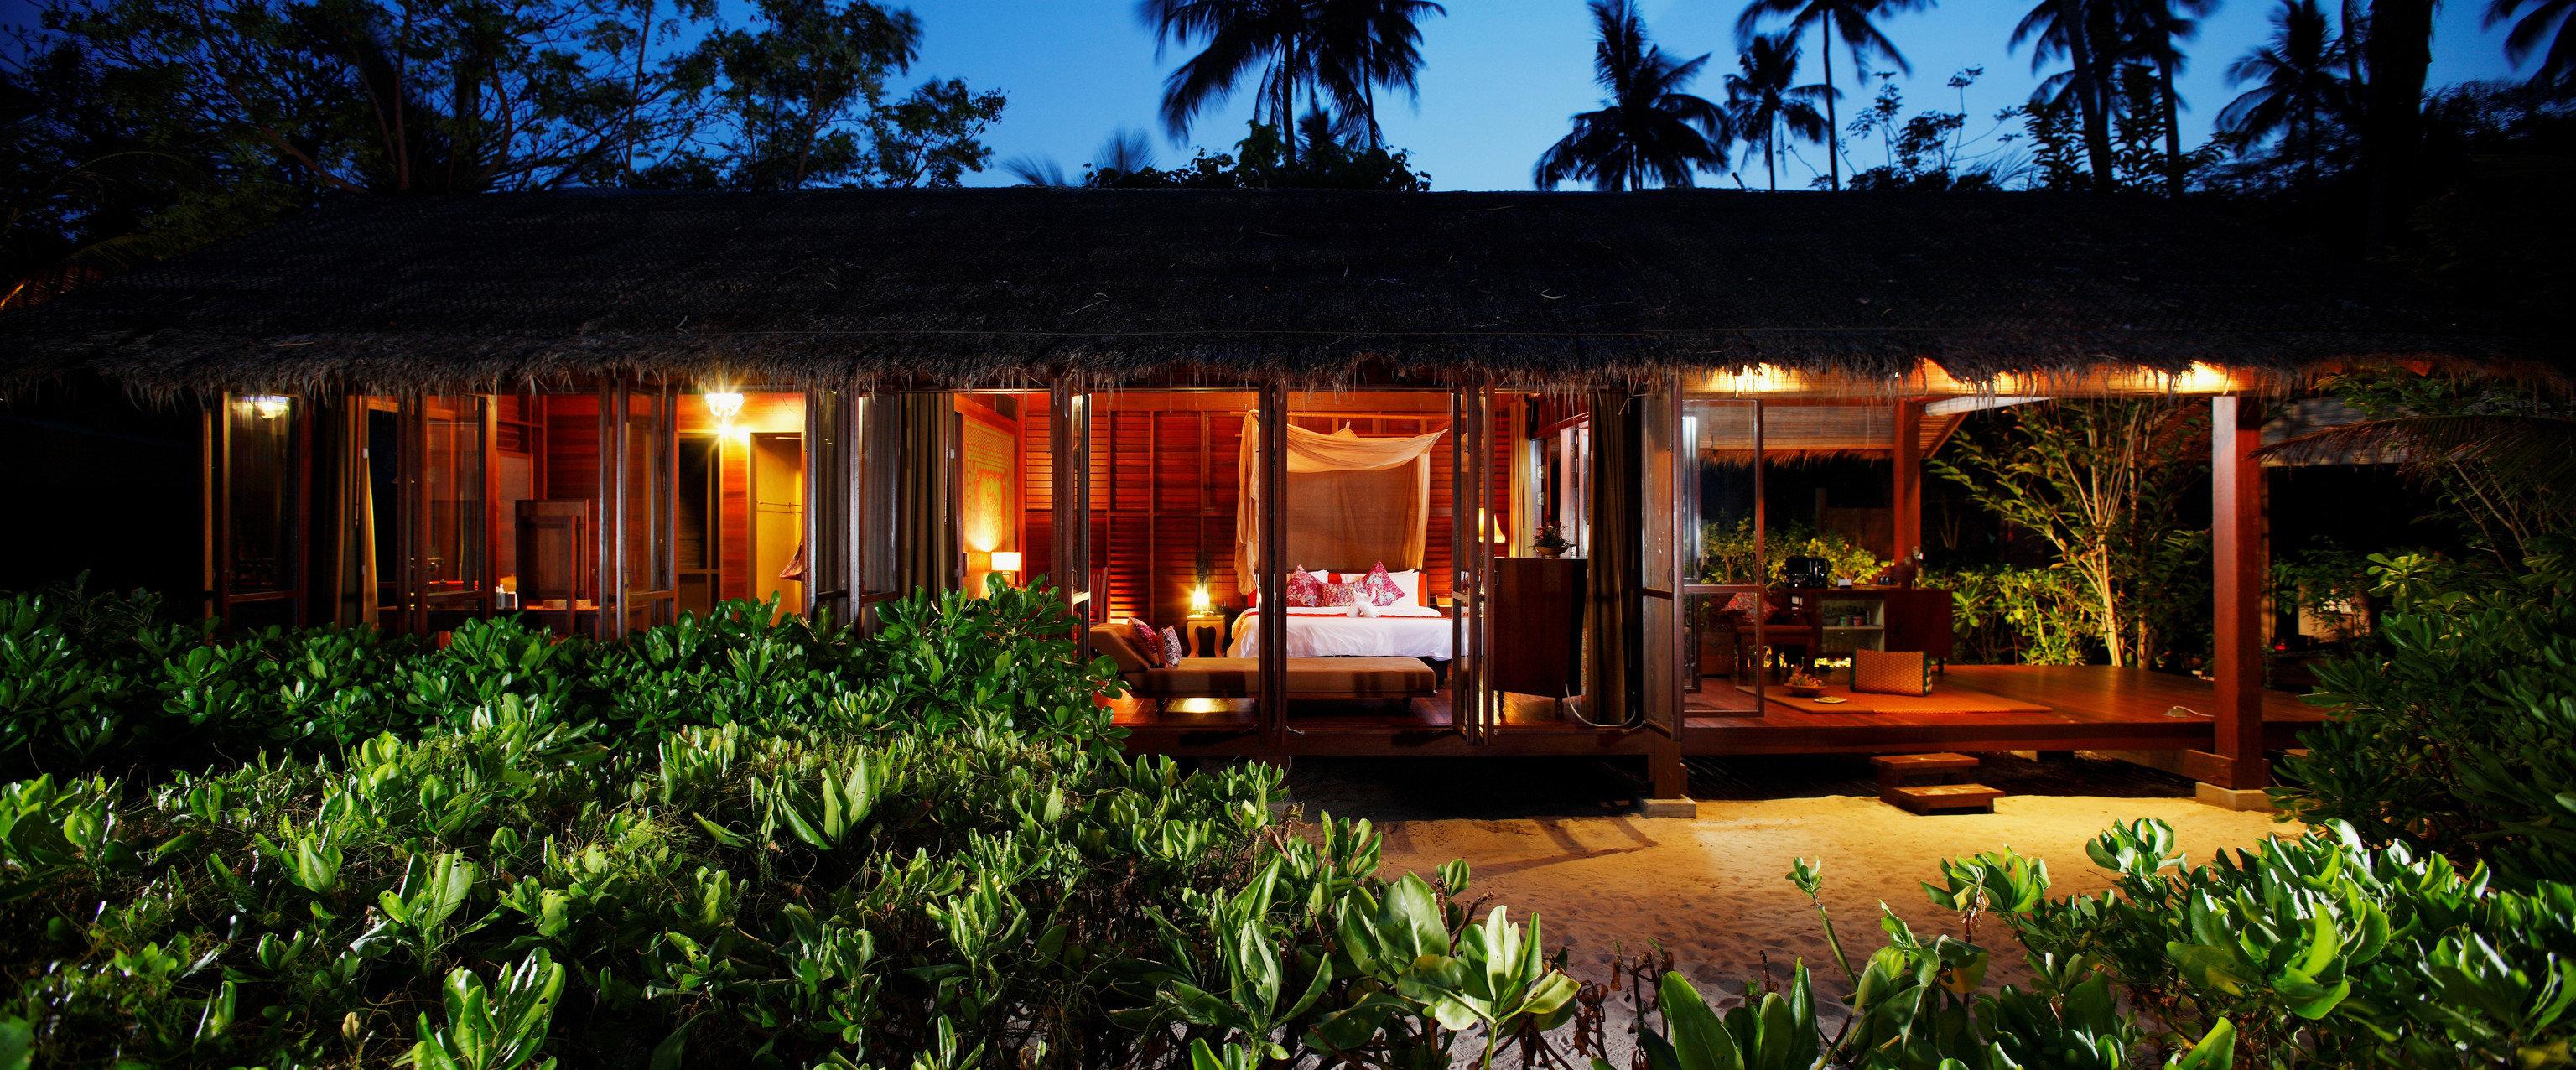 tree house Resort landscape lighting lighting backyard home Jungle flower restaurant Forest night